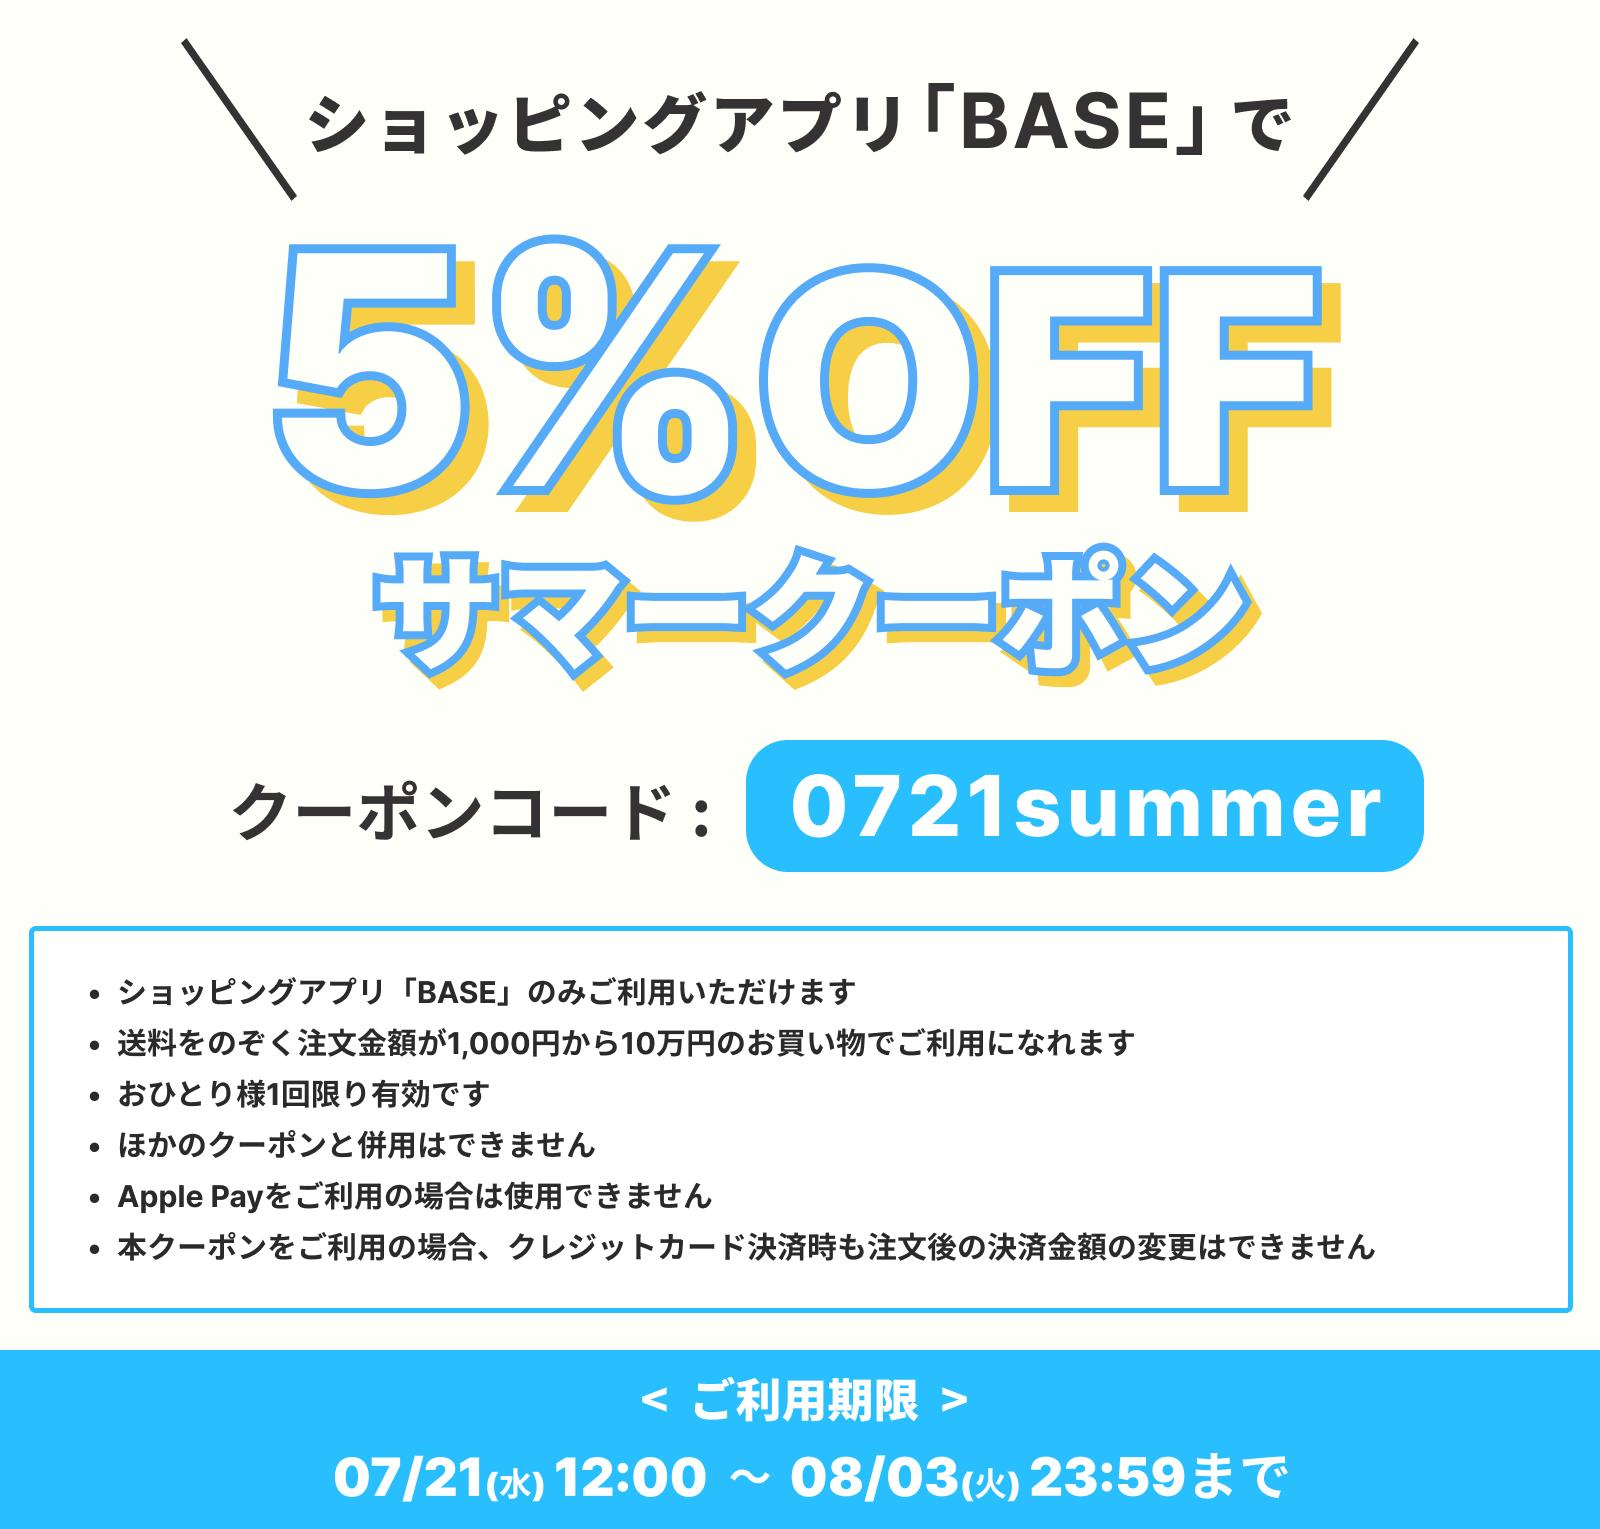 5%OFF サマークーポンのご案内【8月3日までご利用可能】